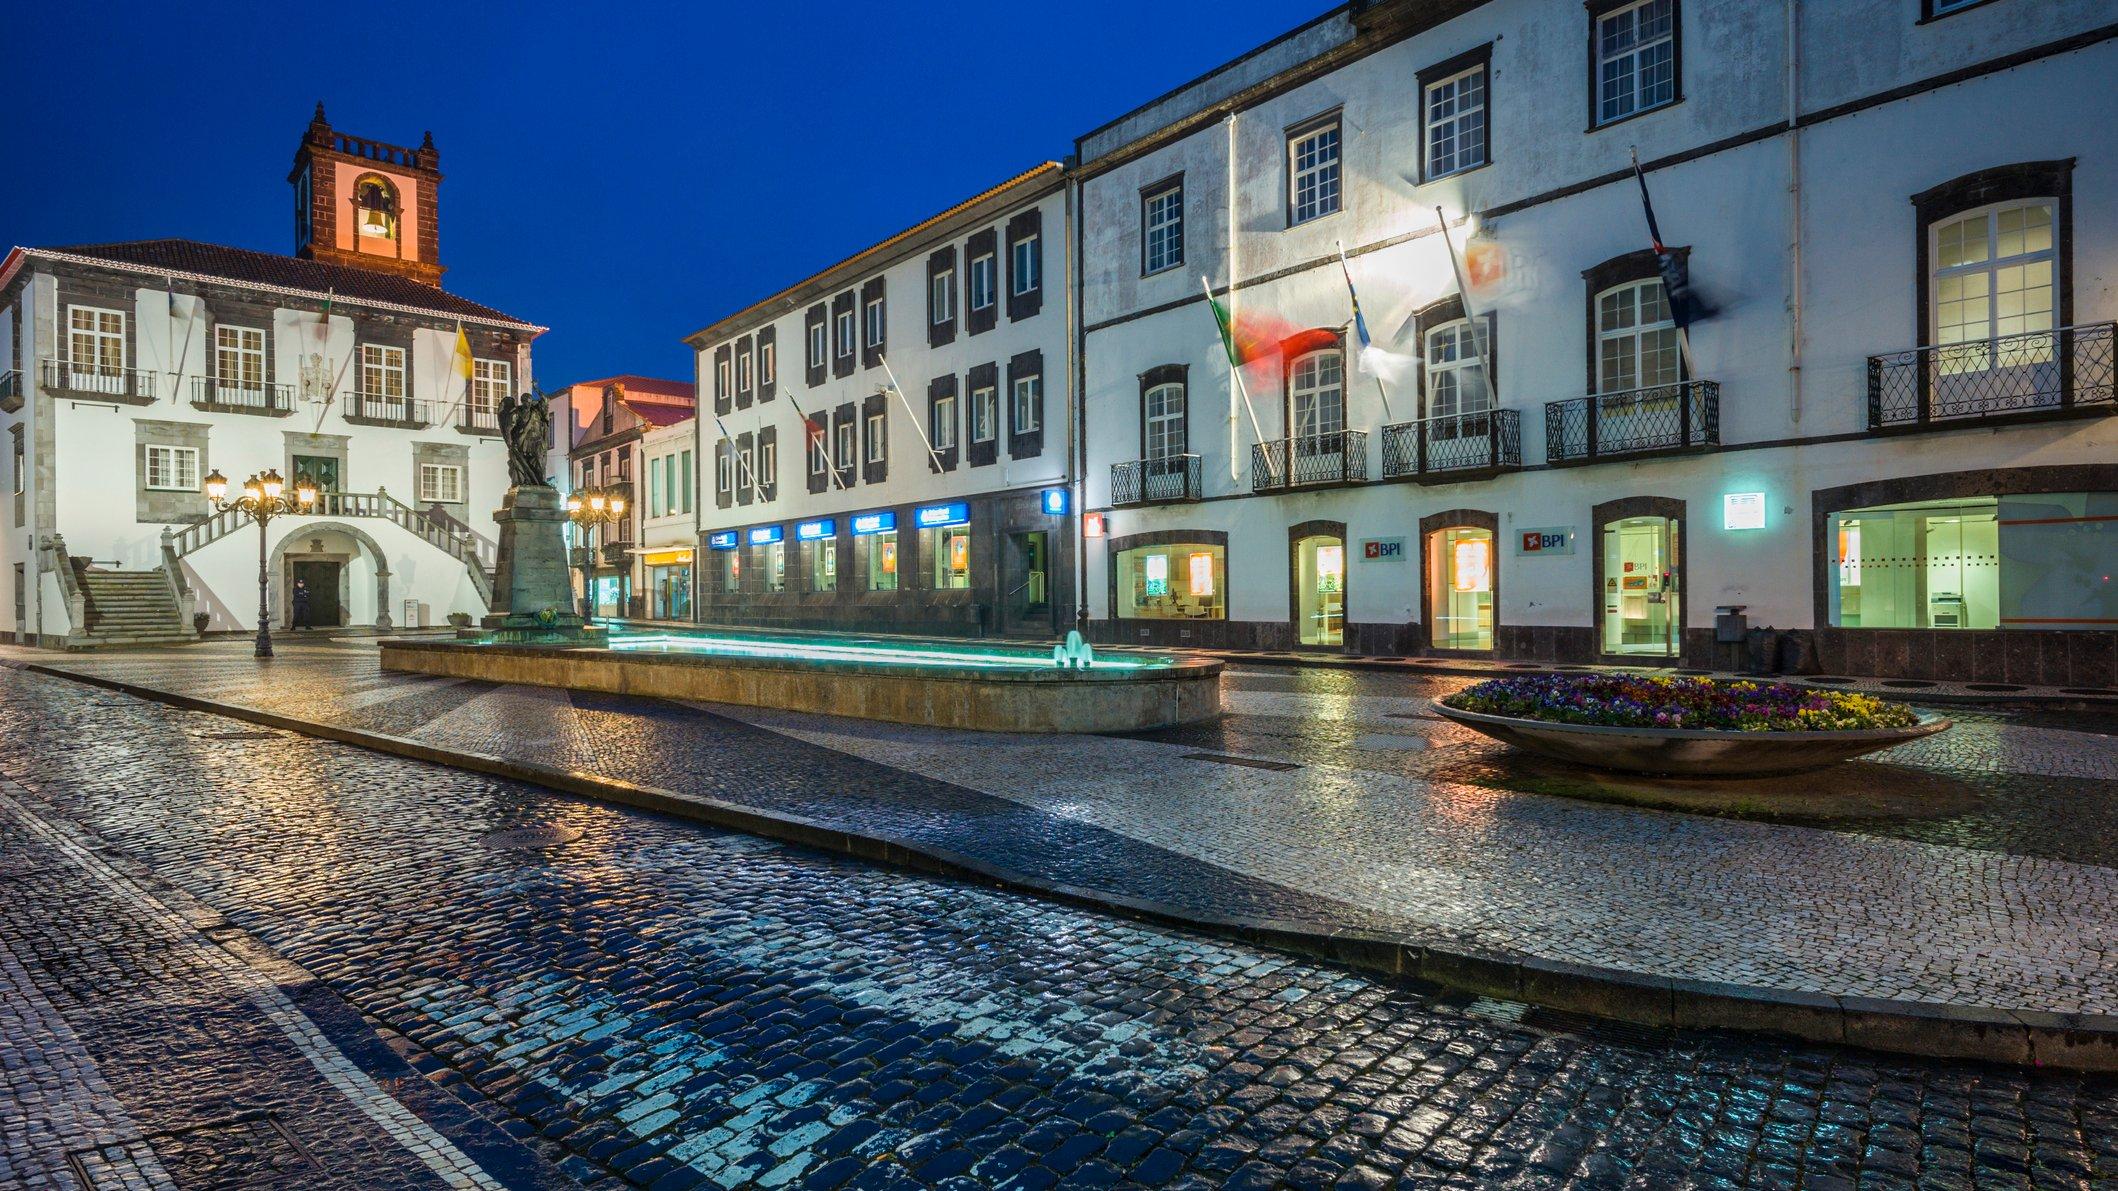 Azores, Sao Miguel Island, Ponta Delgada, town hall